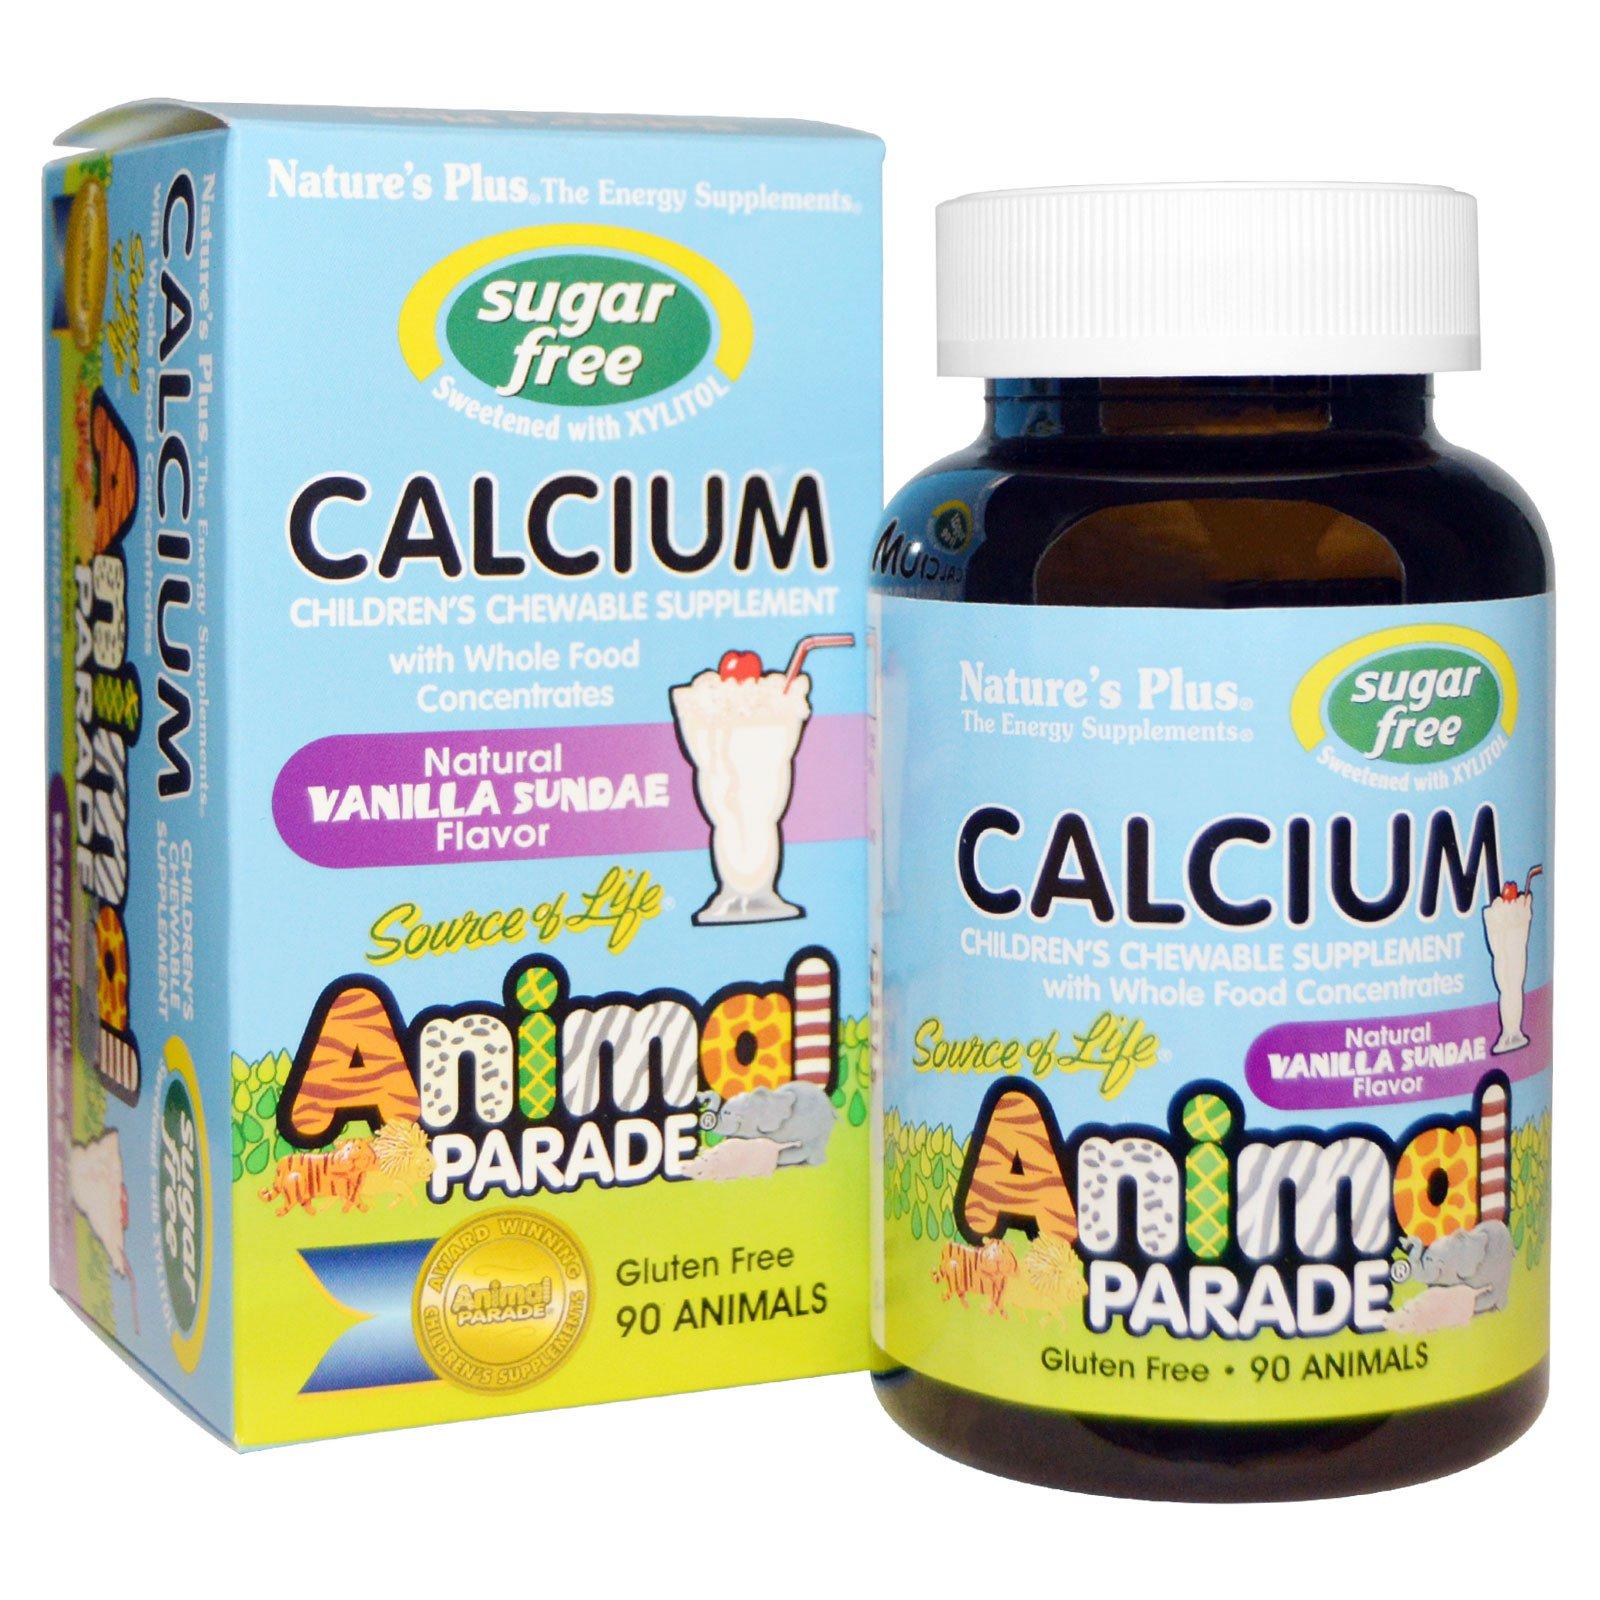 Nature's Plus, Источник Жизни, парад животных, кальций, без сахара, натуральный вкус ванильного мороженого, 90 жевательных таблеток